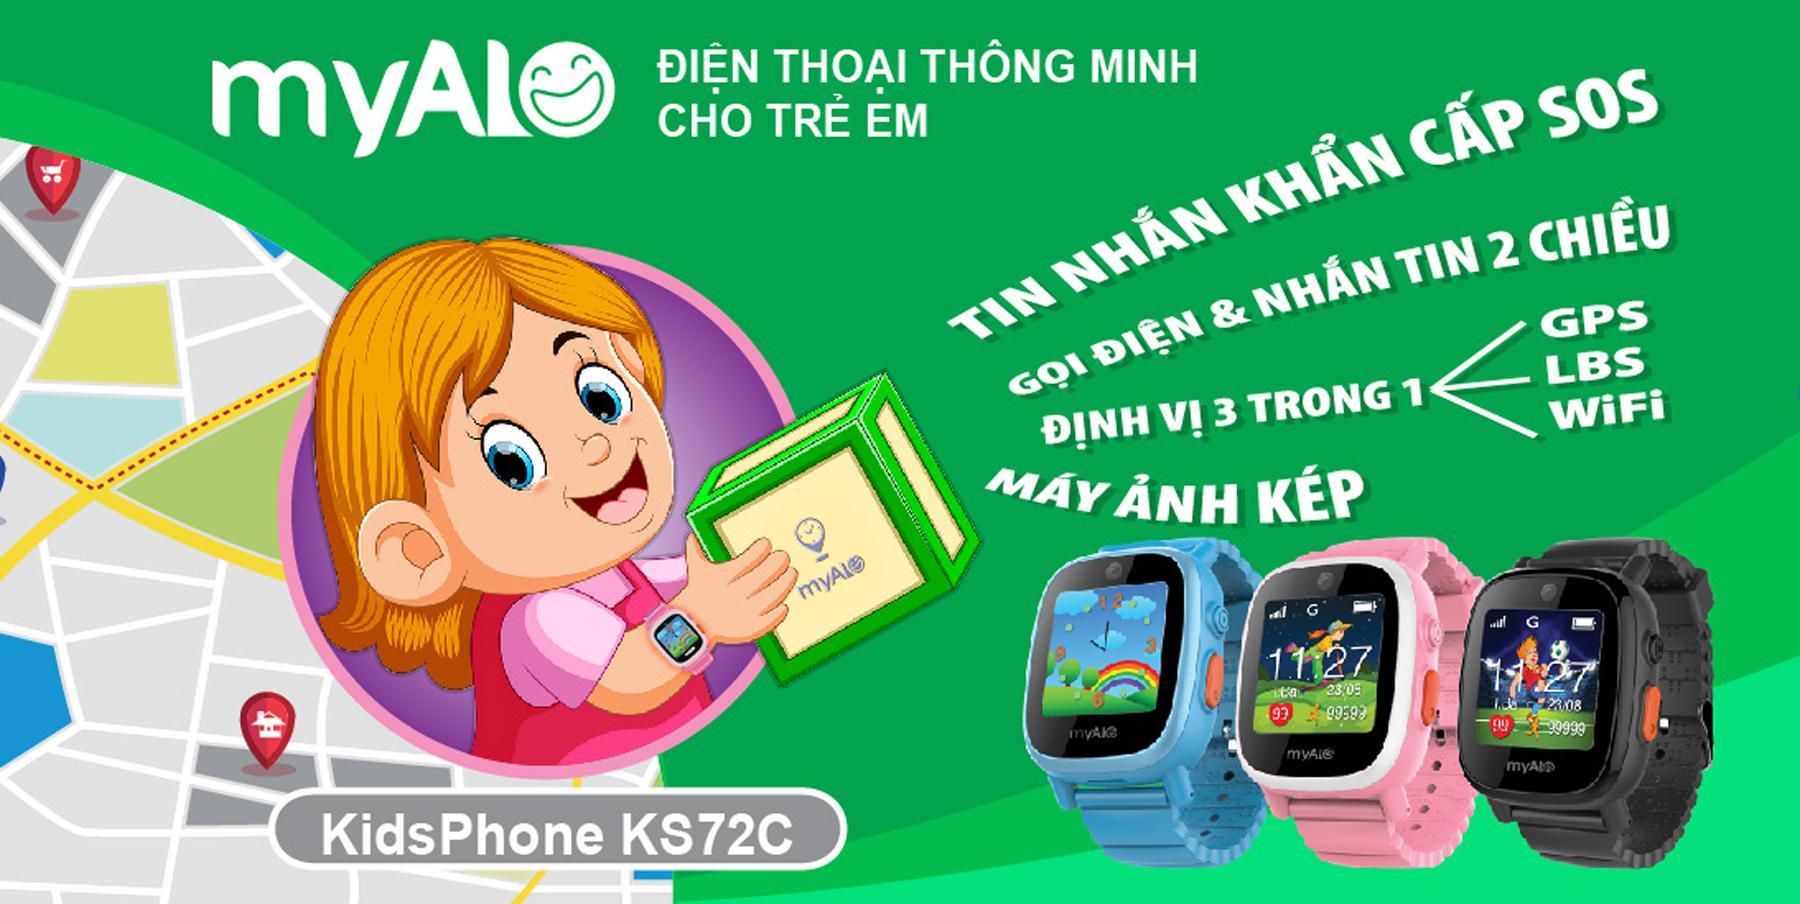 VnExpress.net - Đồng hồ thông minh myAlo dành cho trẻ em